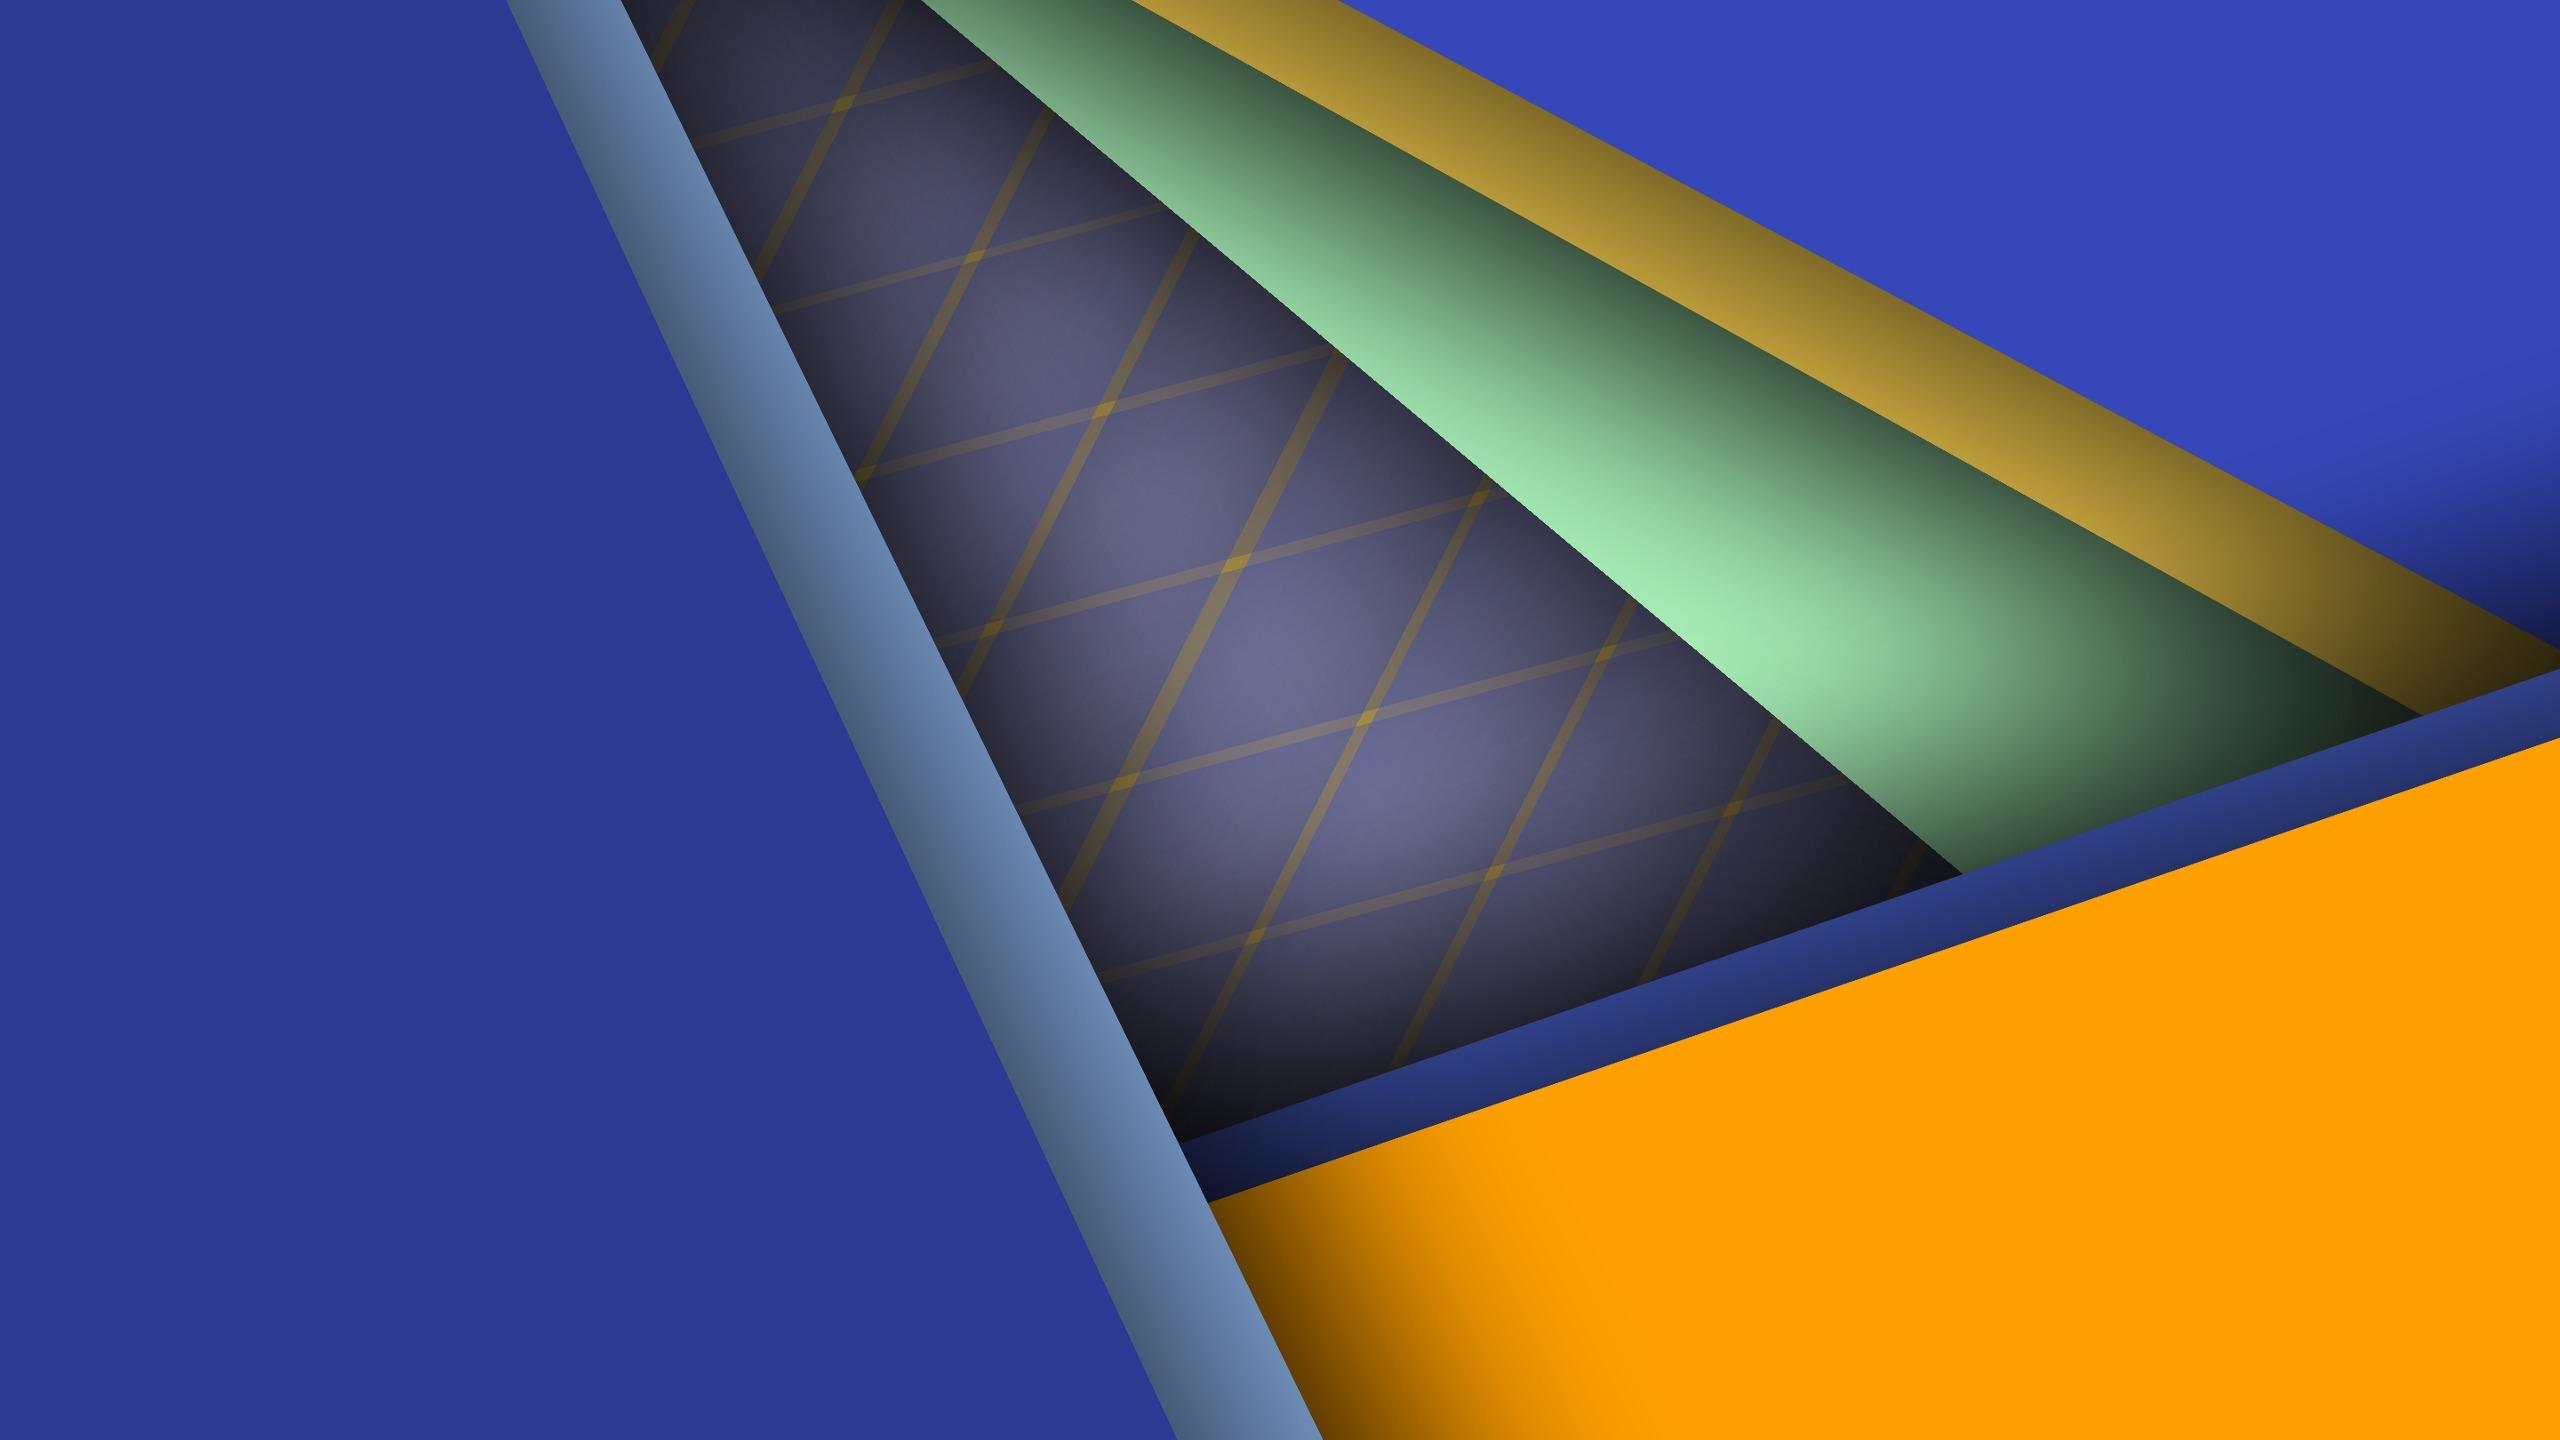 material графика абстракция без смс